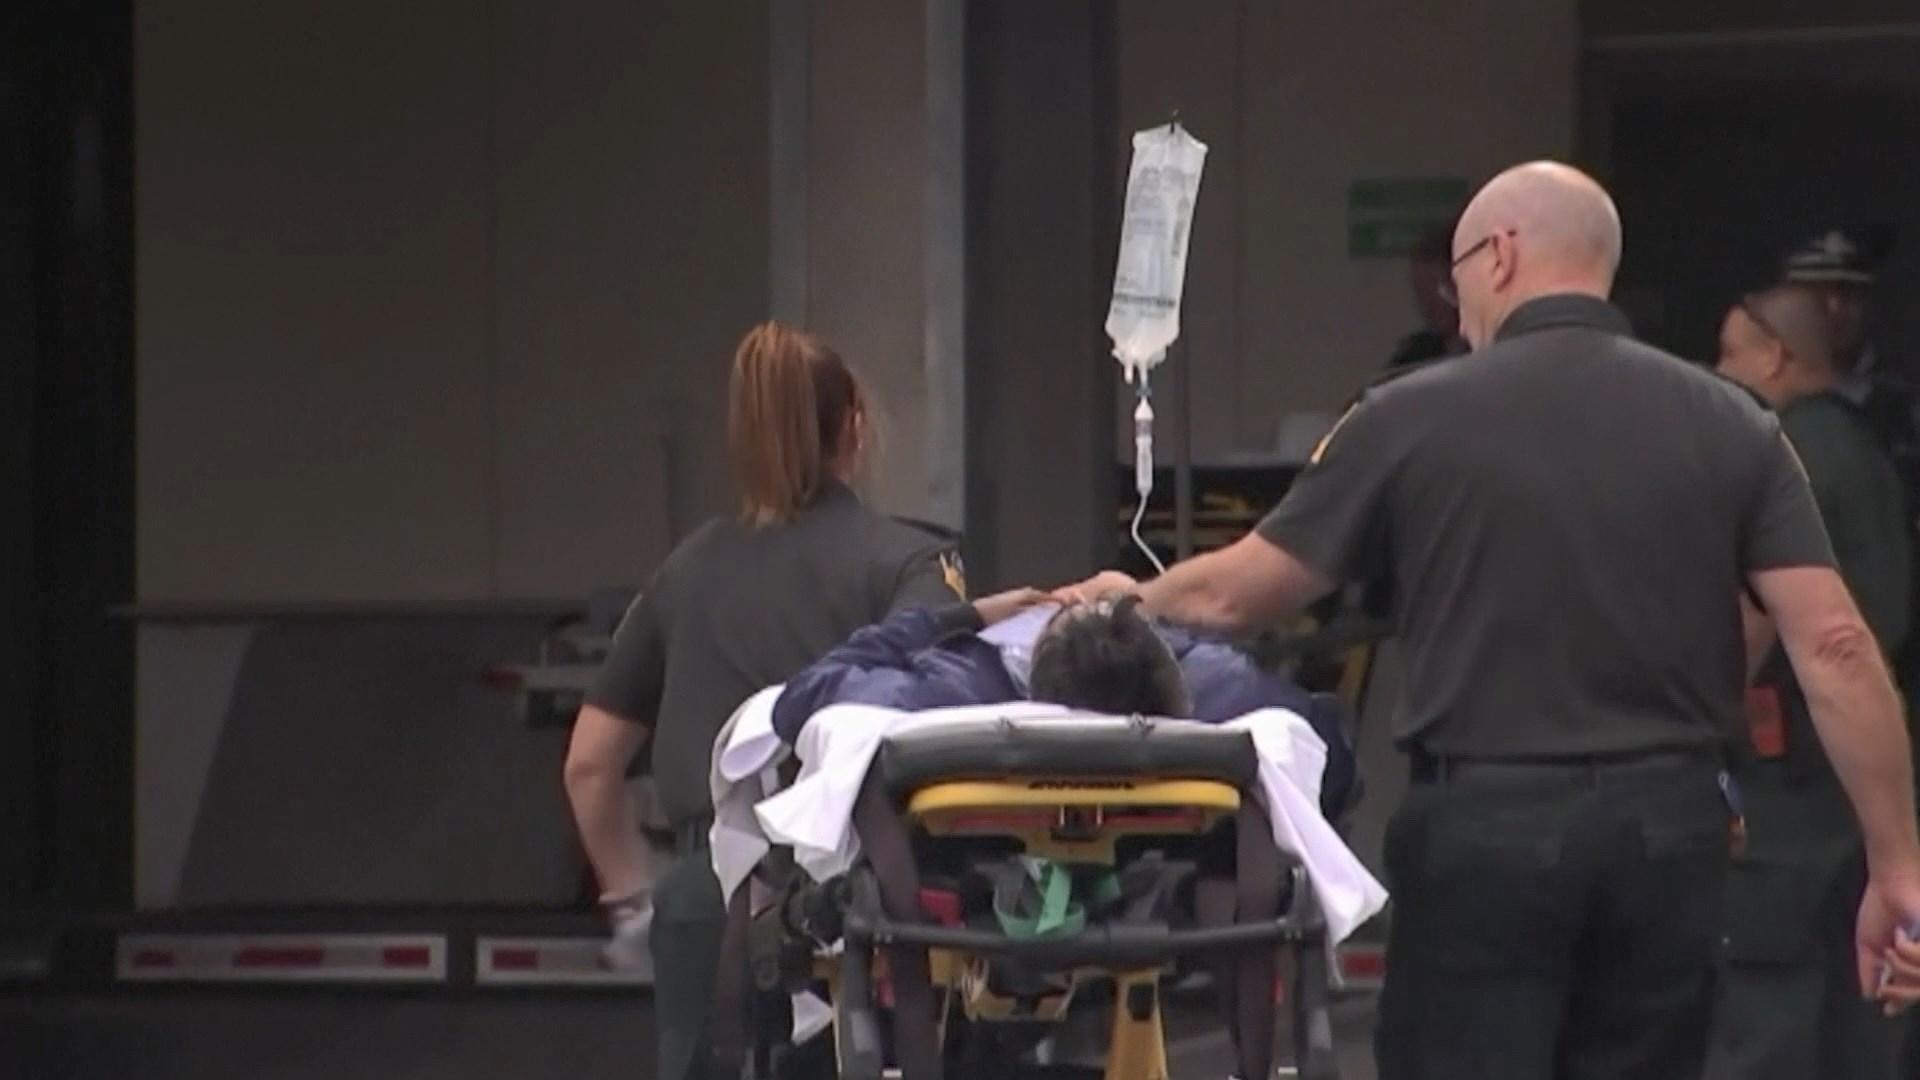 新西蘭清真寺槍擊案 最少40死逾40人傷